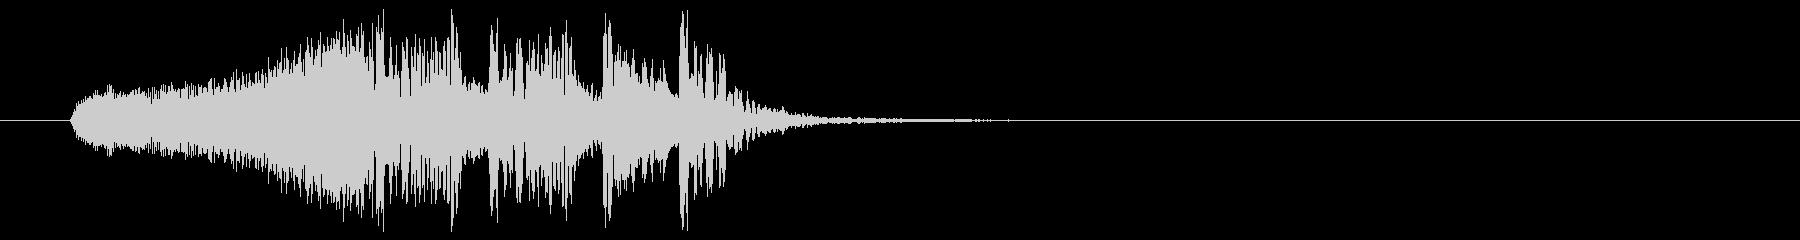 疾走感溢れる高速ビートジングルの未再生の波形